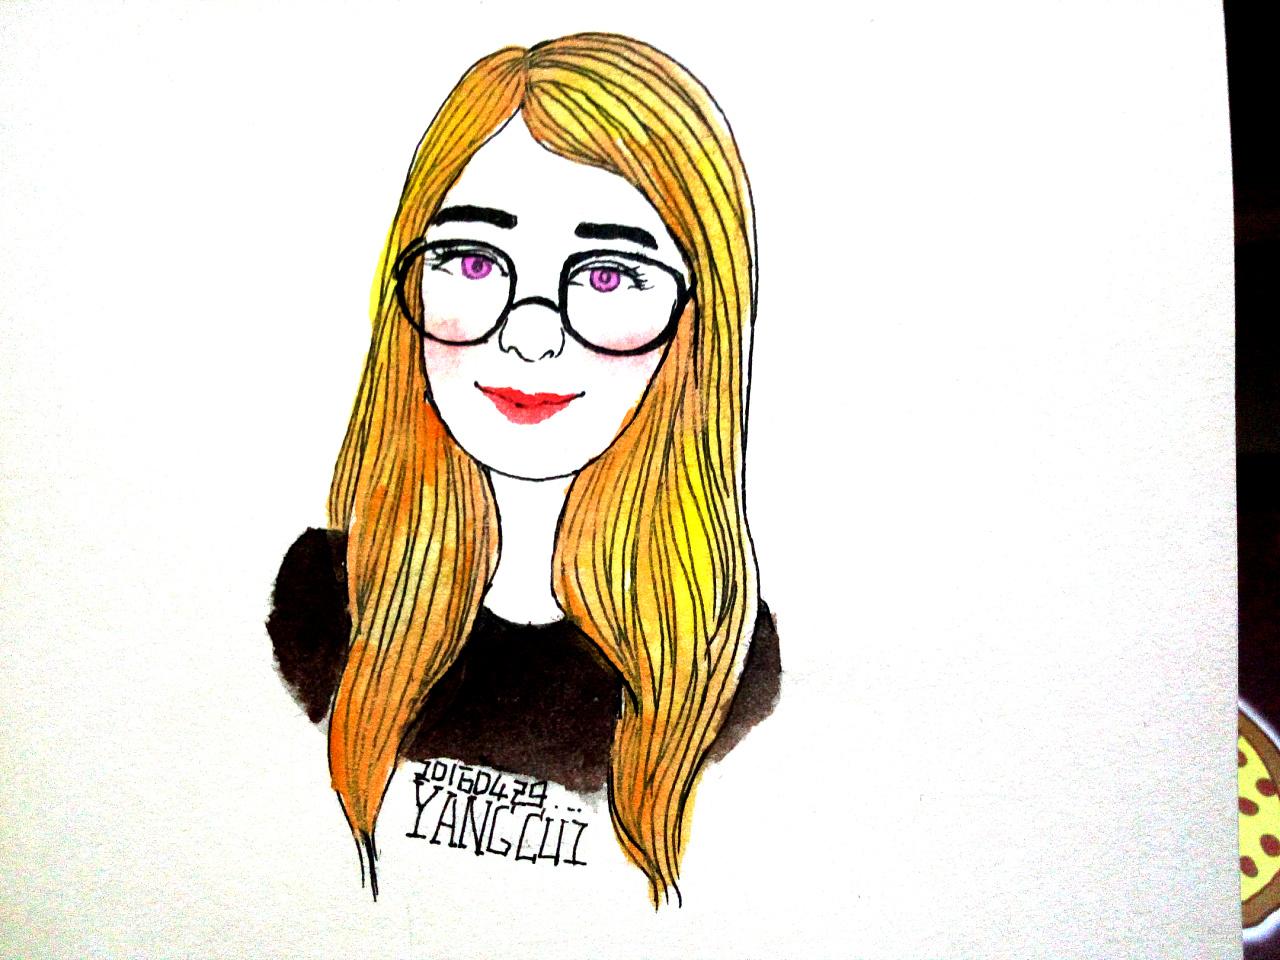 人物手绘|动漫|肖像漫画|杨翠 - 原创作品 - 站酷